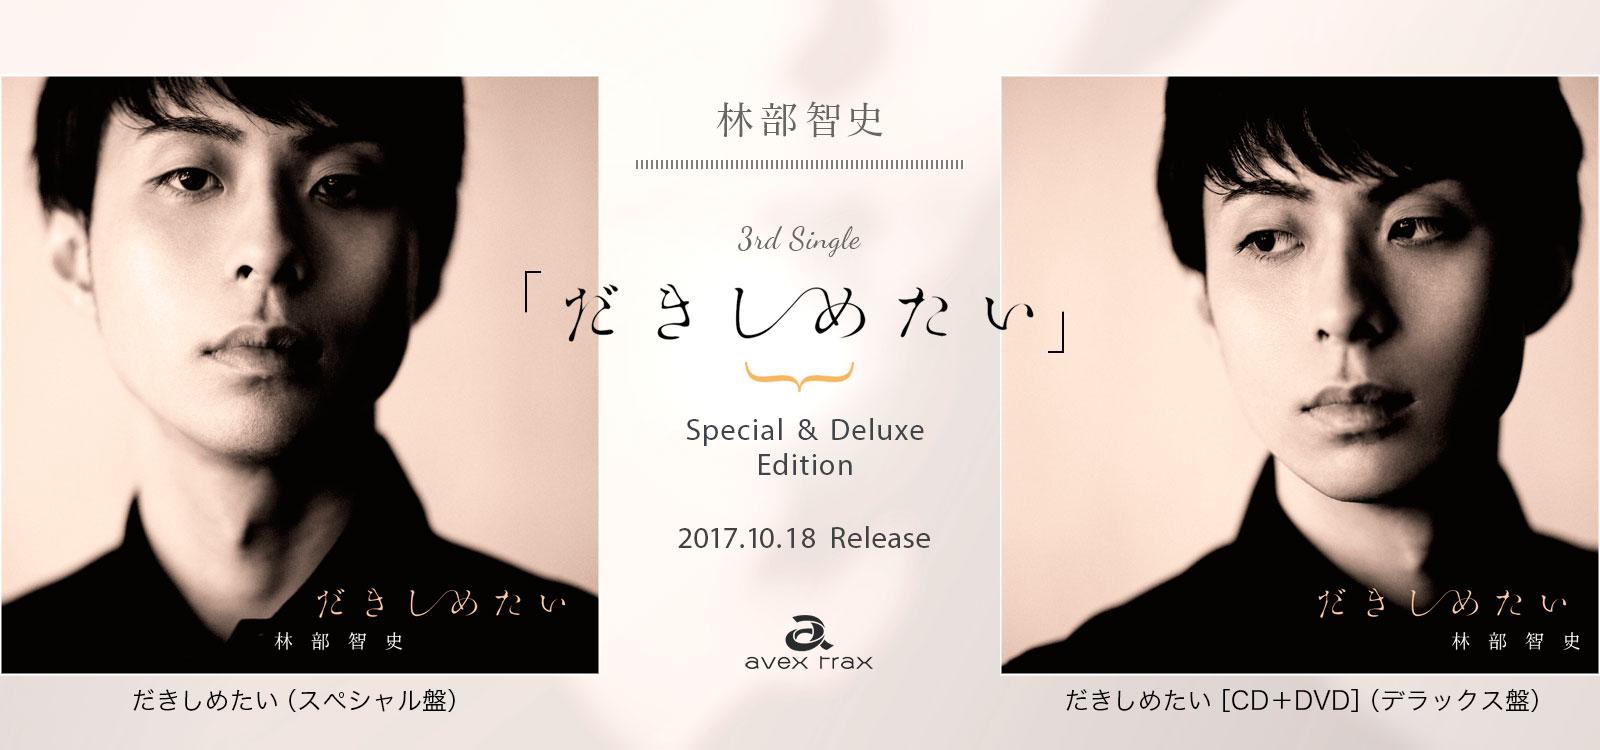 サードシングル「だきしめたい」スペシャル盤 デラックス盤